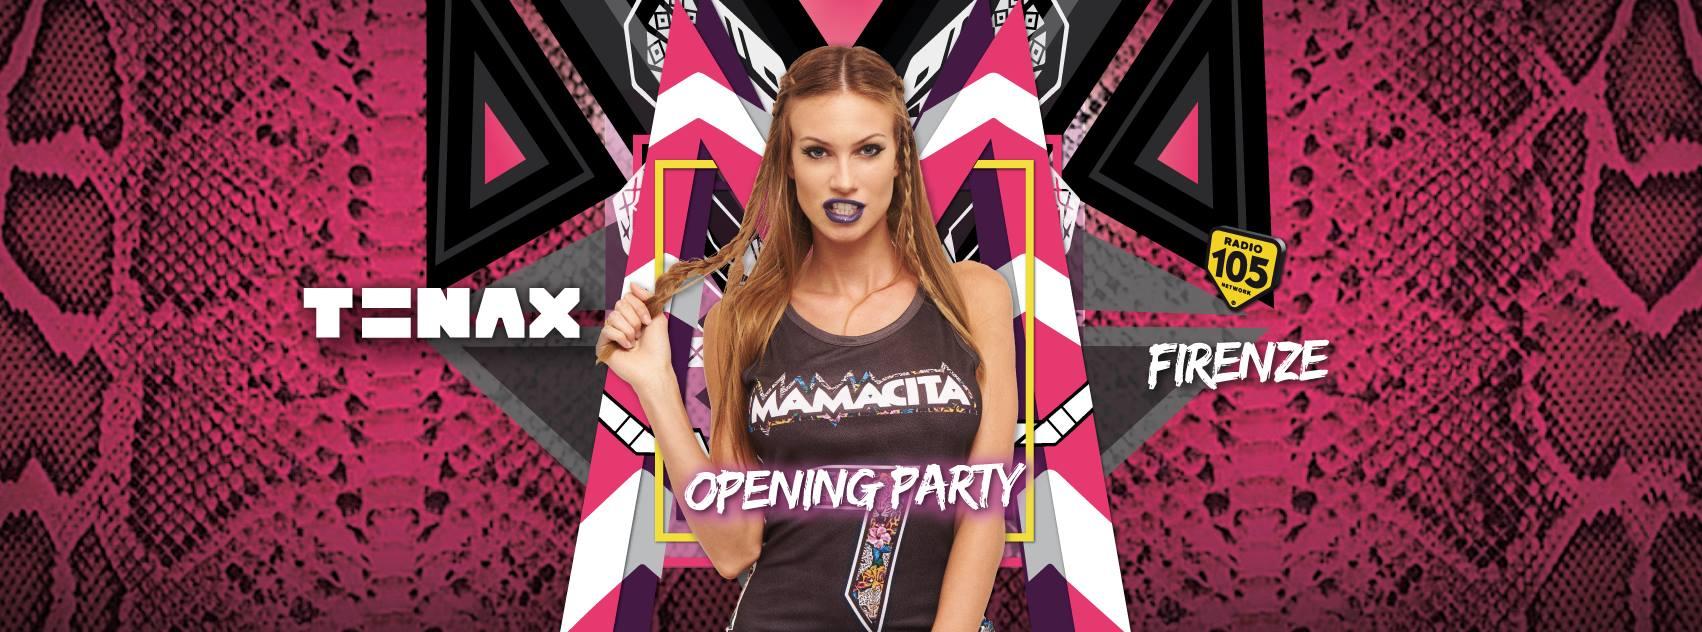 Mamacita-tenax-firenze-30-settembre-2016